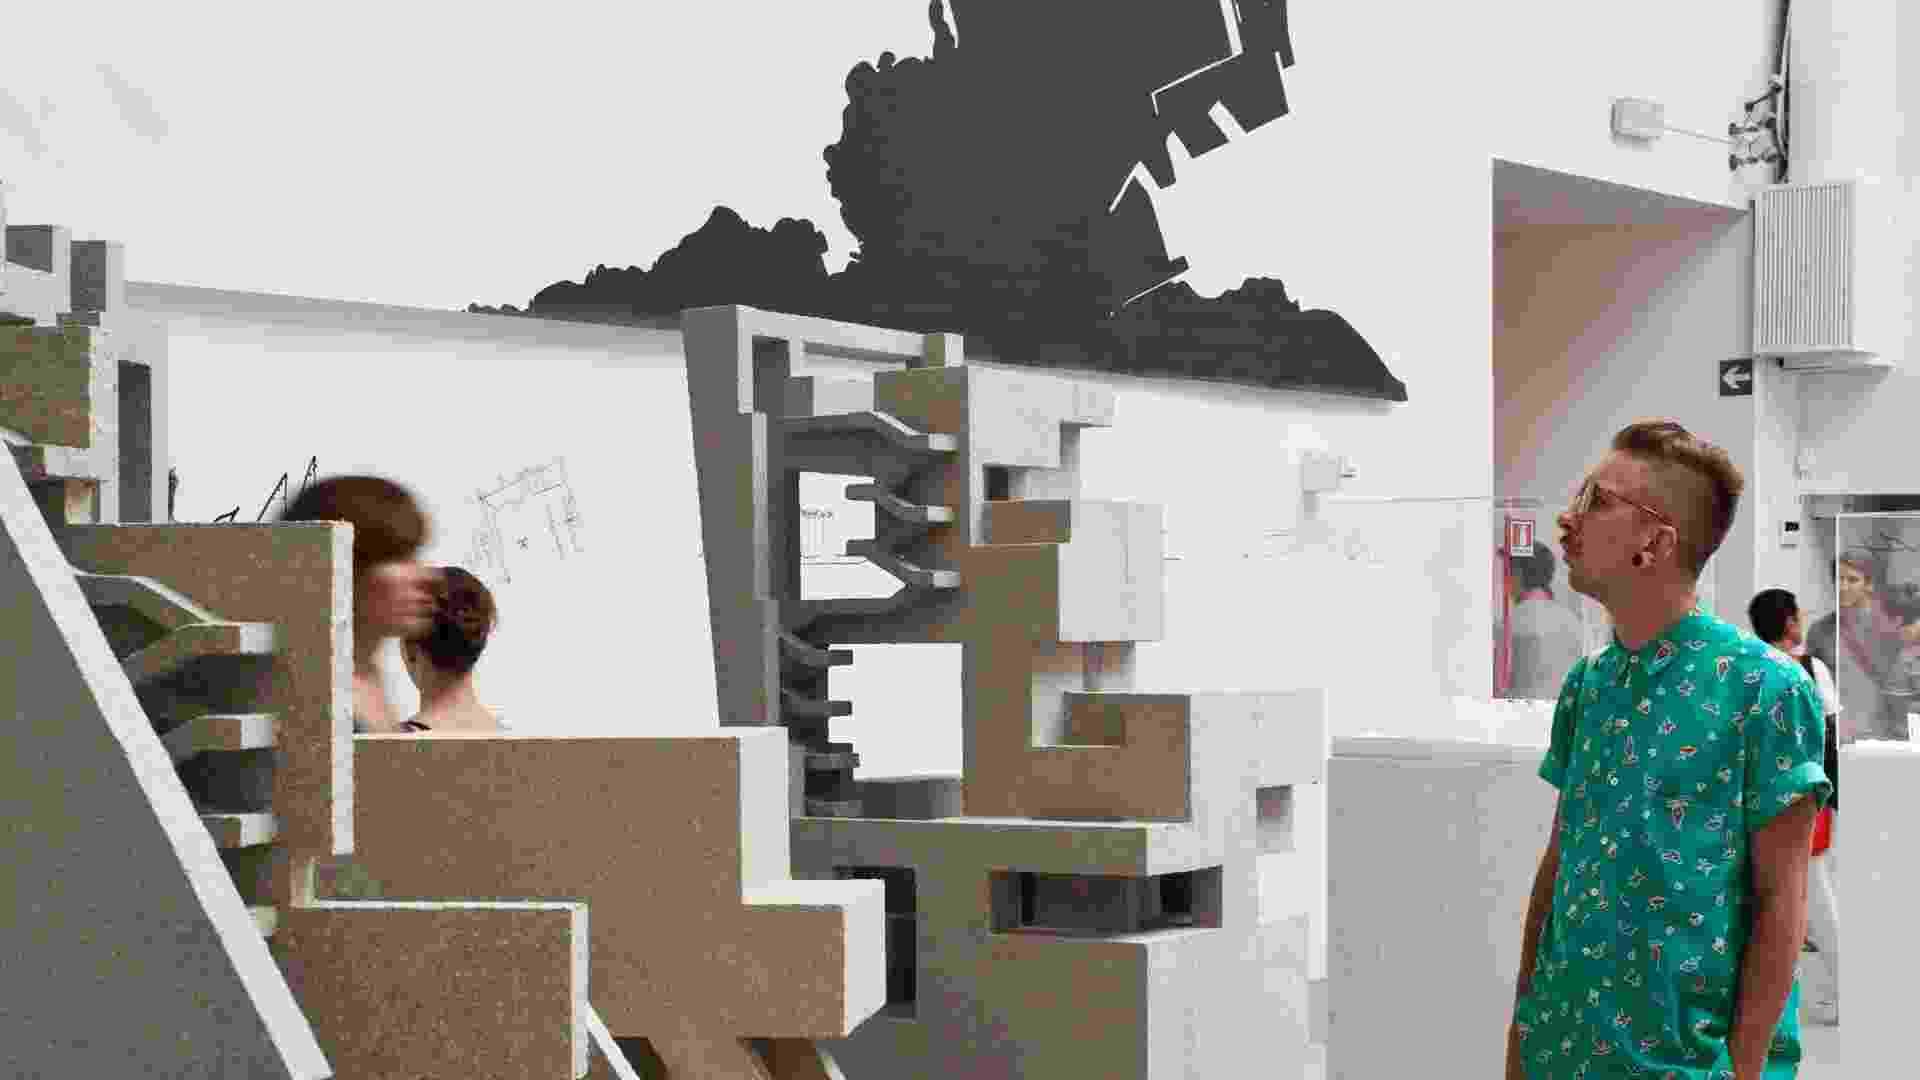 Projeto que revisita a obra de Paulo Mendes da Rocha, do Grafton Architects (Yvonne Farrell e Shelley McNamara) - exibição Common Ground- 13ª Bienal de Arquitetura de Veneza (2012) (Imagem cedida para material específico, usar somente no respectivo conteúdo) - Francesco Galli/ Cortesia la Biennale di Venezia/ Divulgação